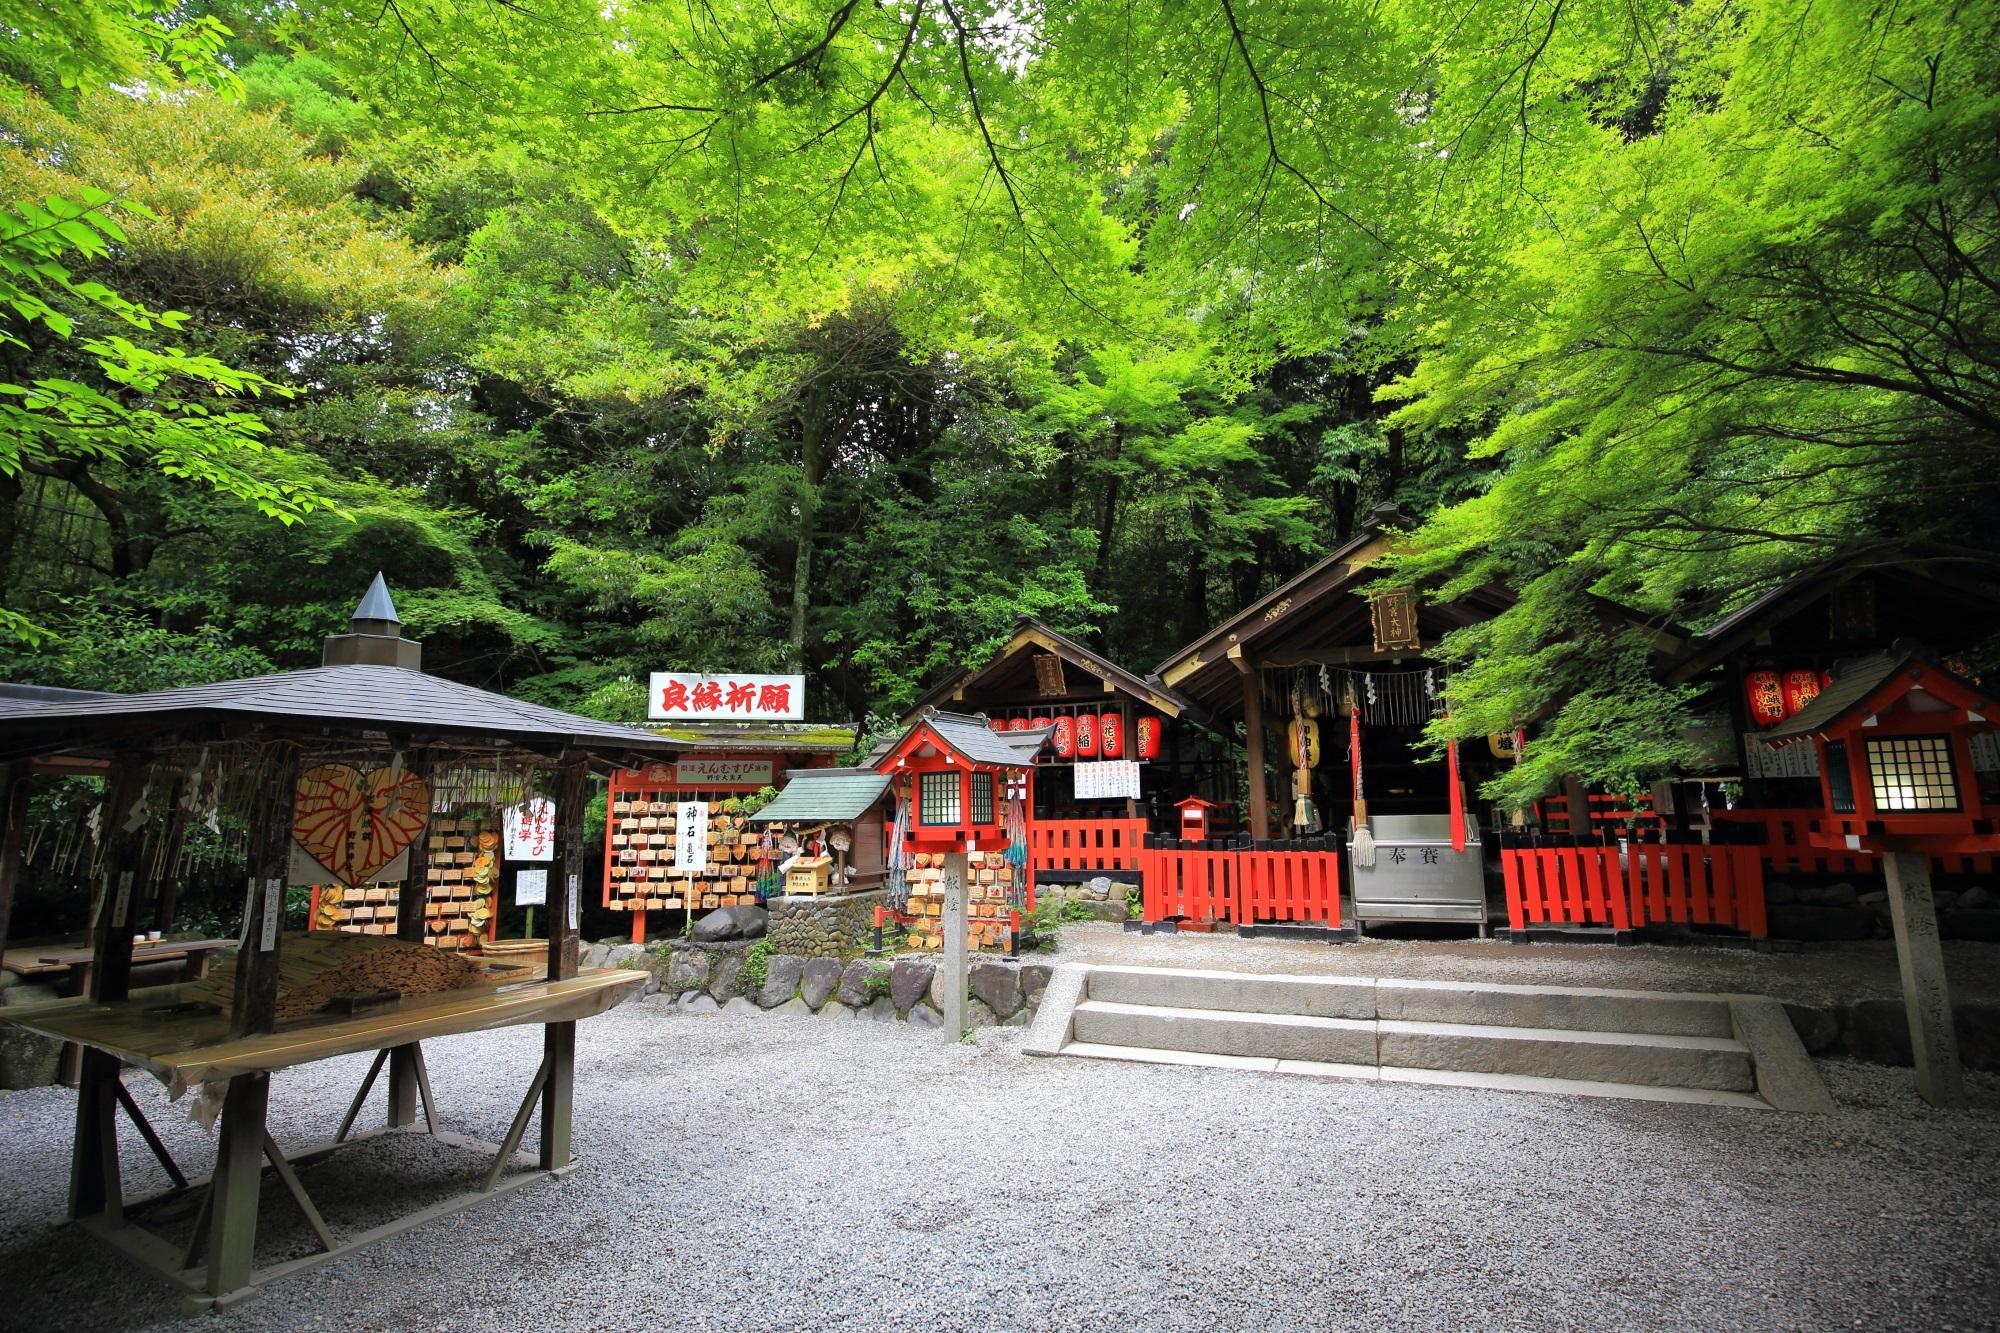 野宮神社 青もみじ 縁結びの神様の鮮やかな緑